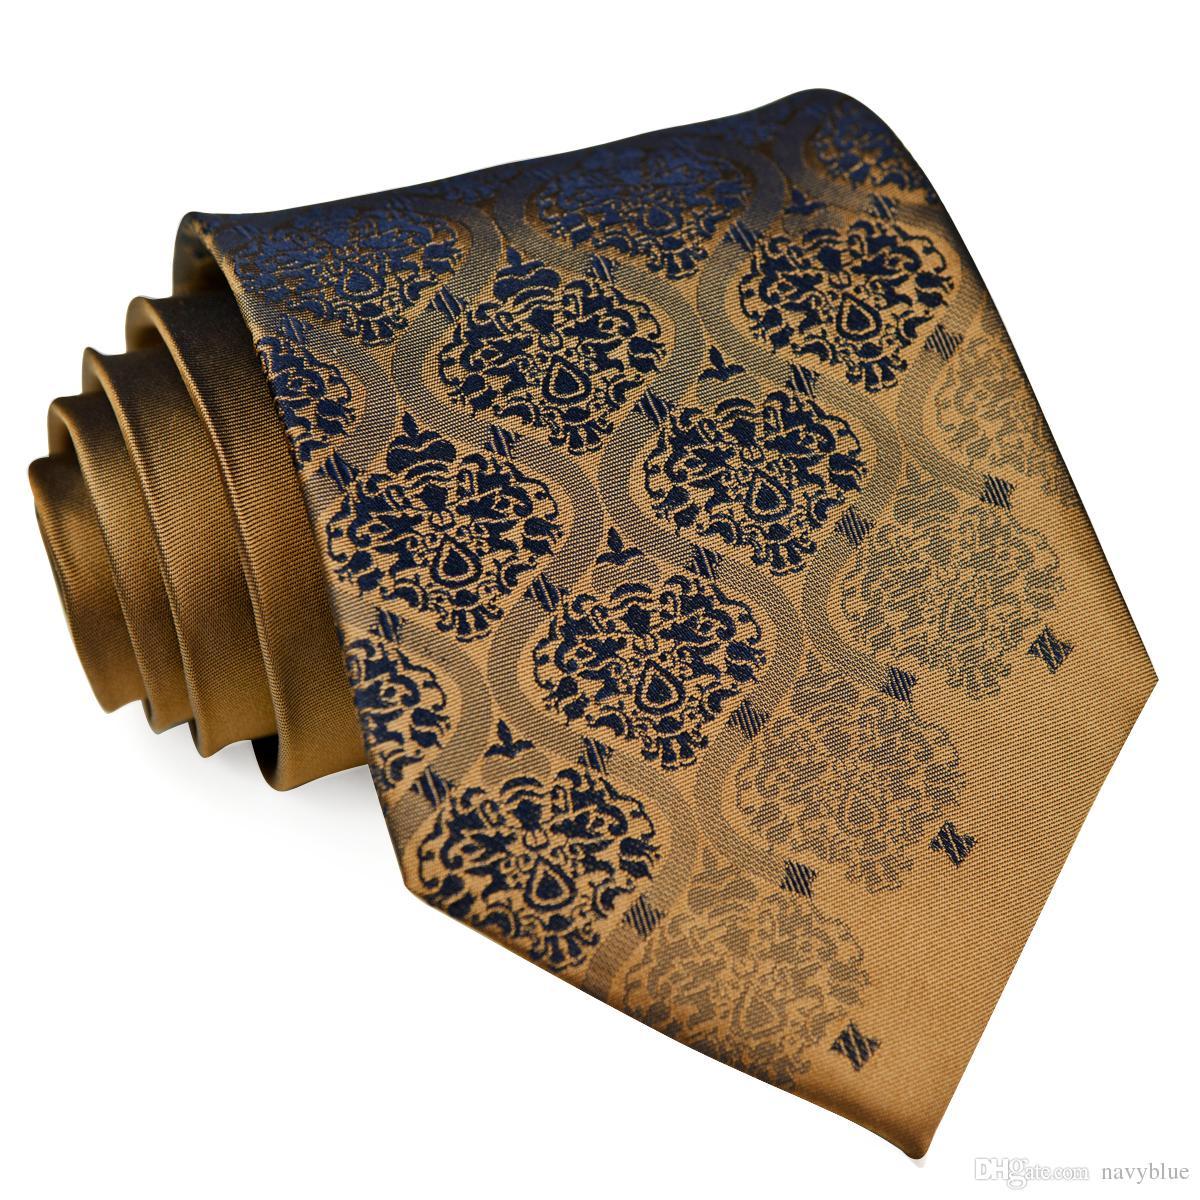 K13 اليدوية الصلبة الزهور الذهب البني برونزية الأزرق الداكن رجل العلاقات ربطات العنق المنديل 100٪ الحرير الجاكار المنسوجة التعادل مجموعات شحن مجاني بالجملة